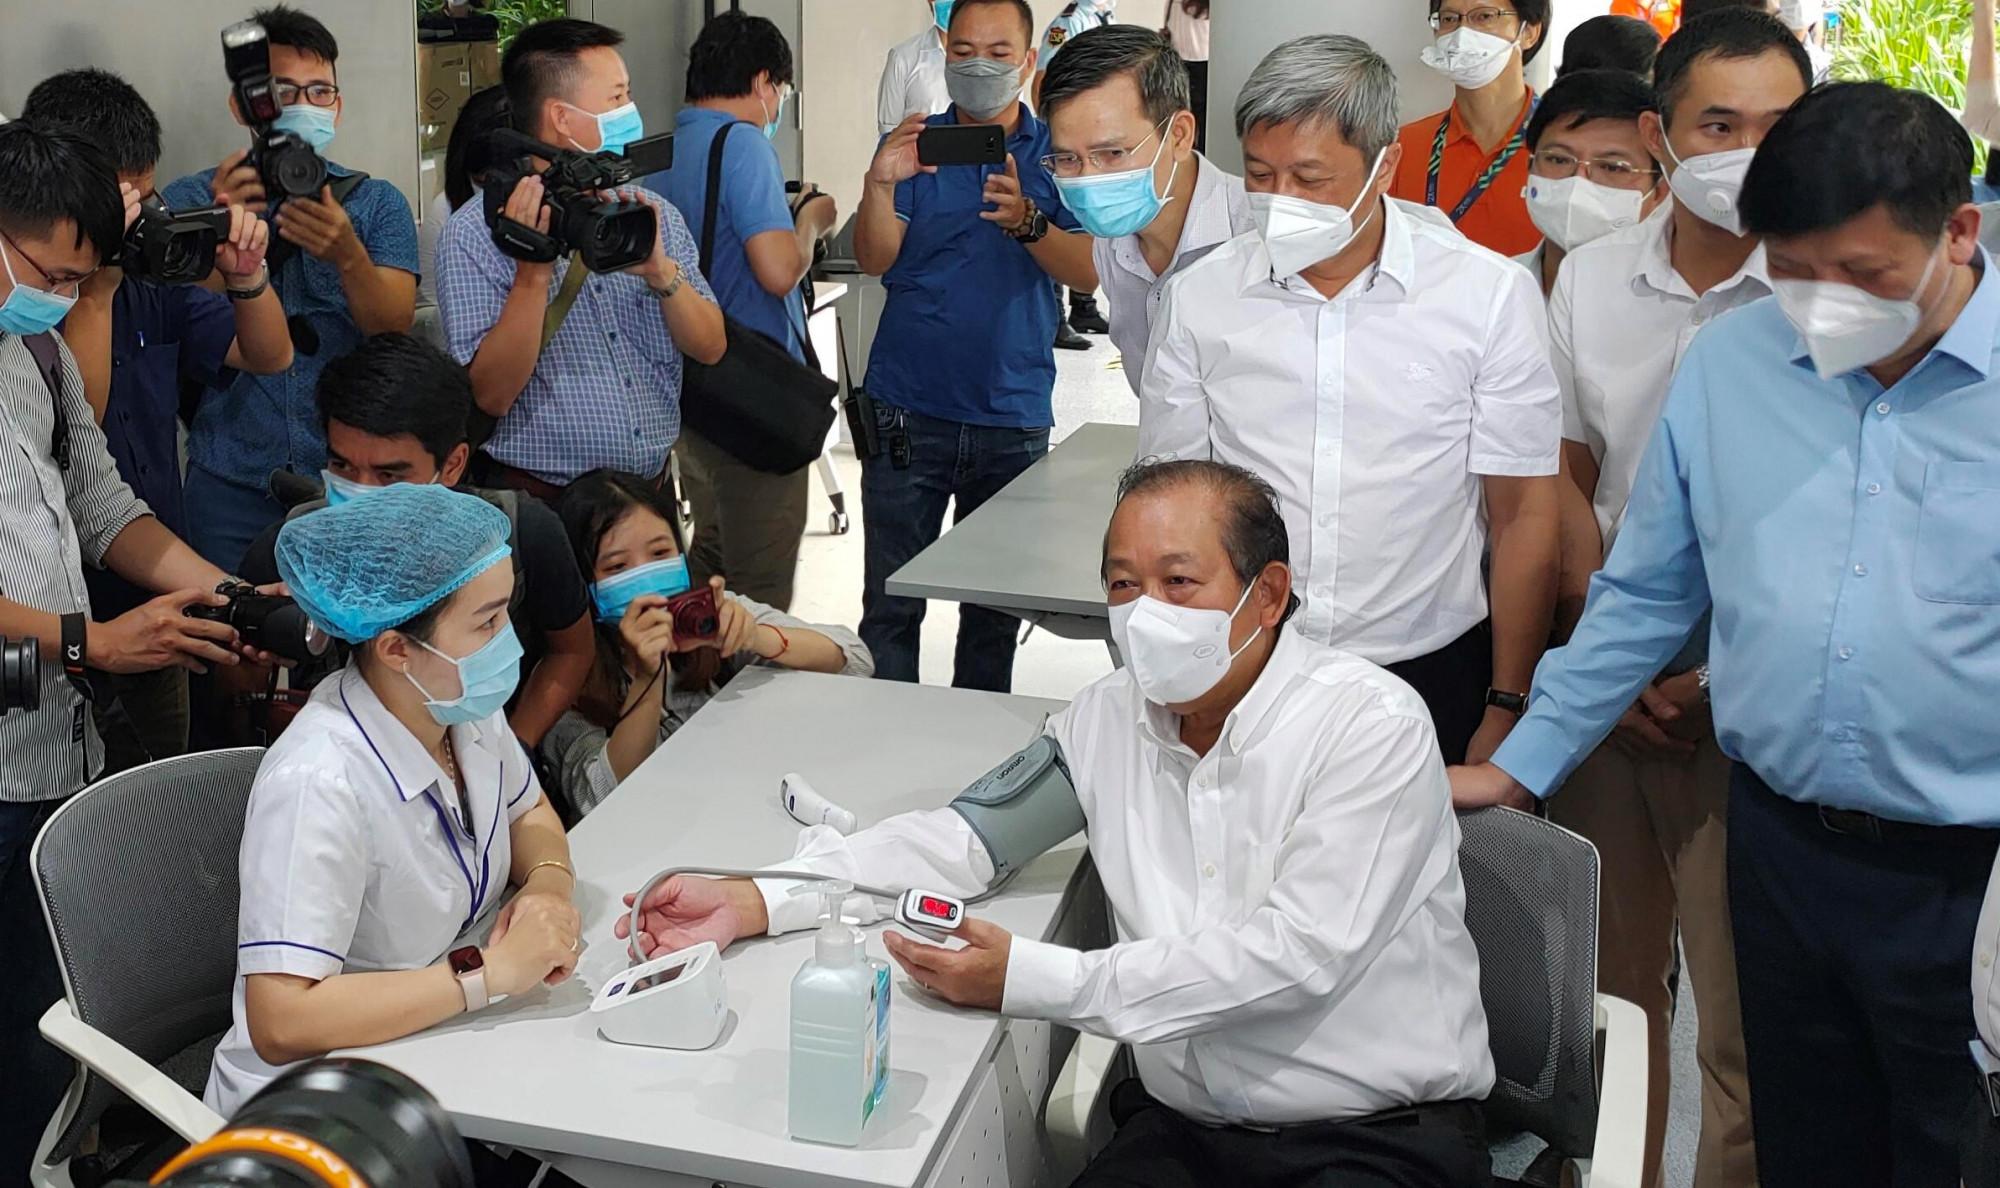 Phó Thủ tướng thường trực Trương Hòa Bình được kiểm tra thân nhiệt, đo huyết áp tại điểm tiêm chủng ở Khu công nghệ cao sáng 19/6/2021